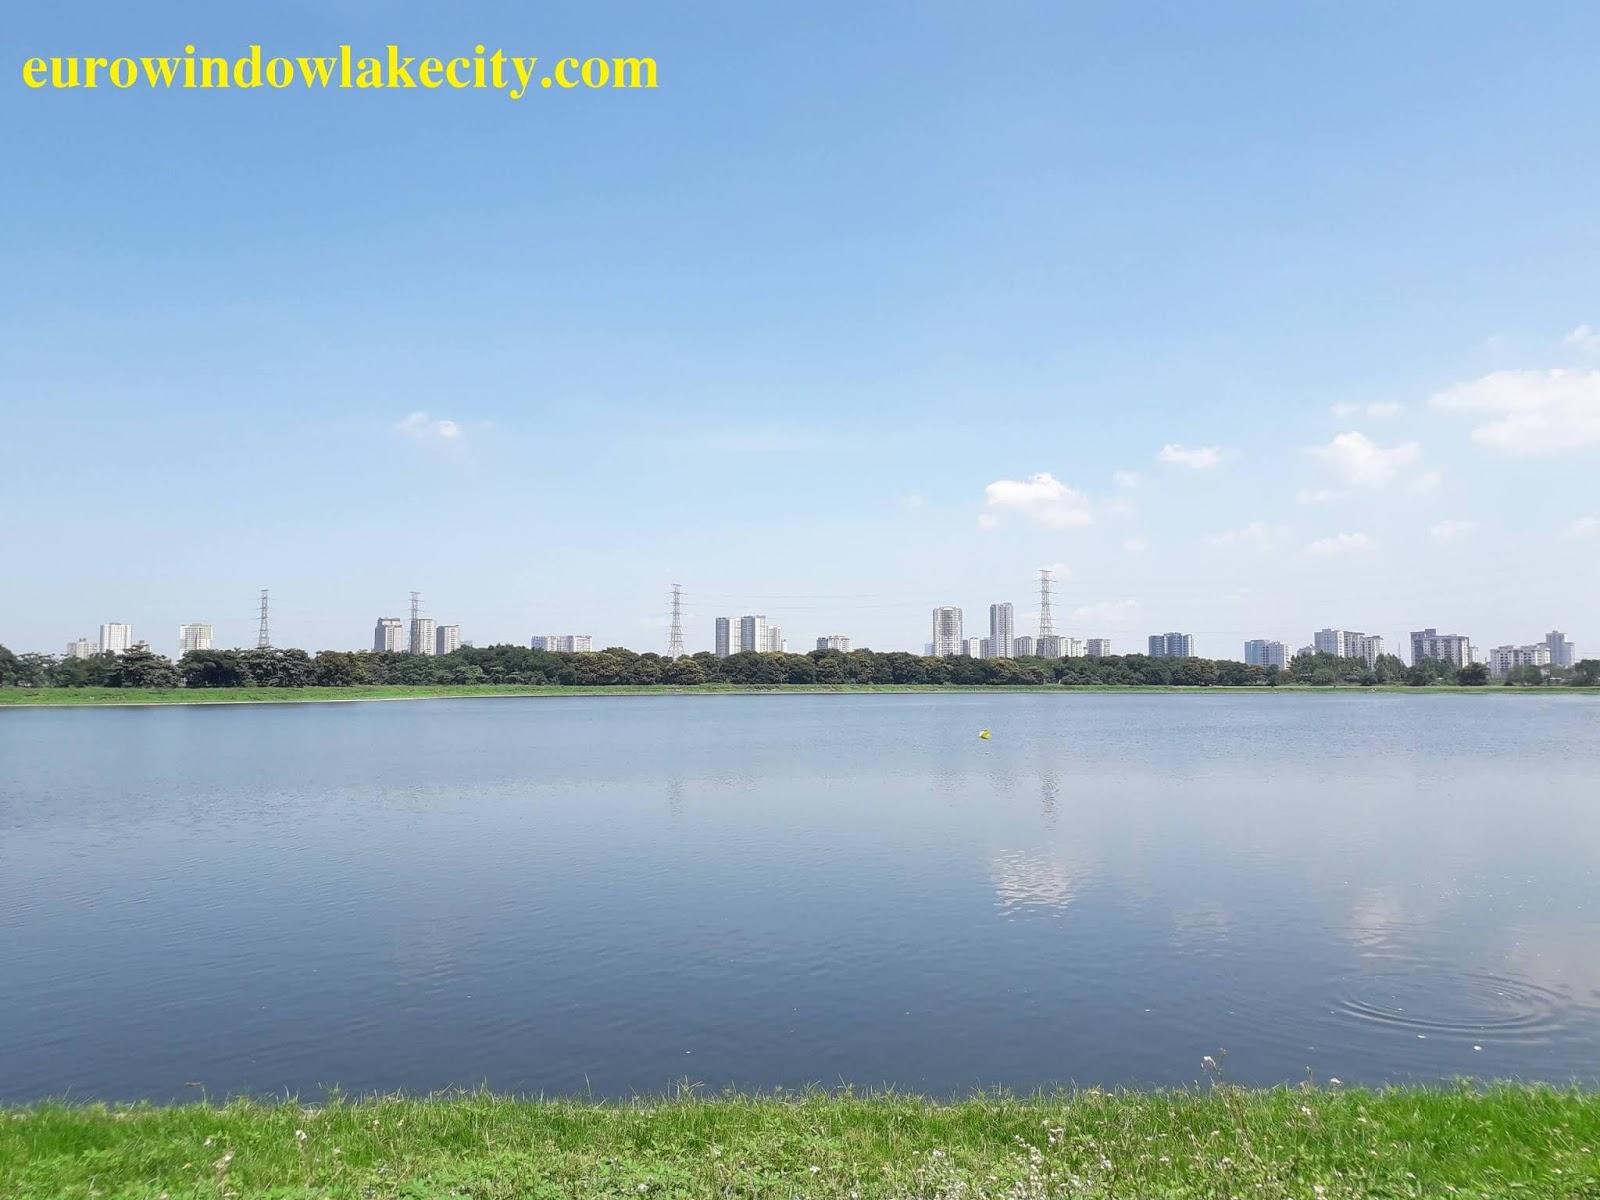 hình-ảnh-mặt-bằng-eurowindow-lake-city